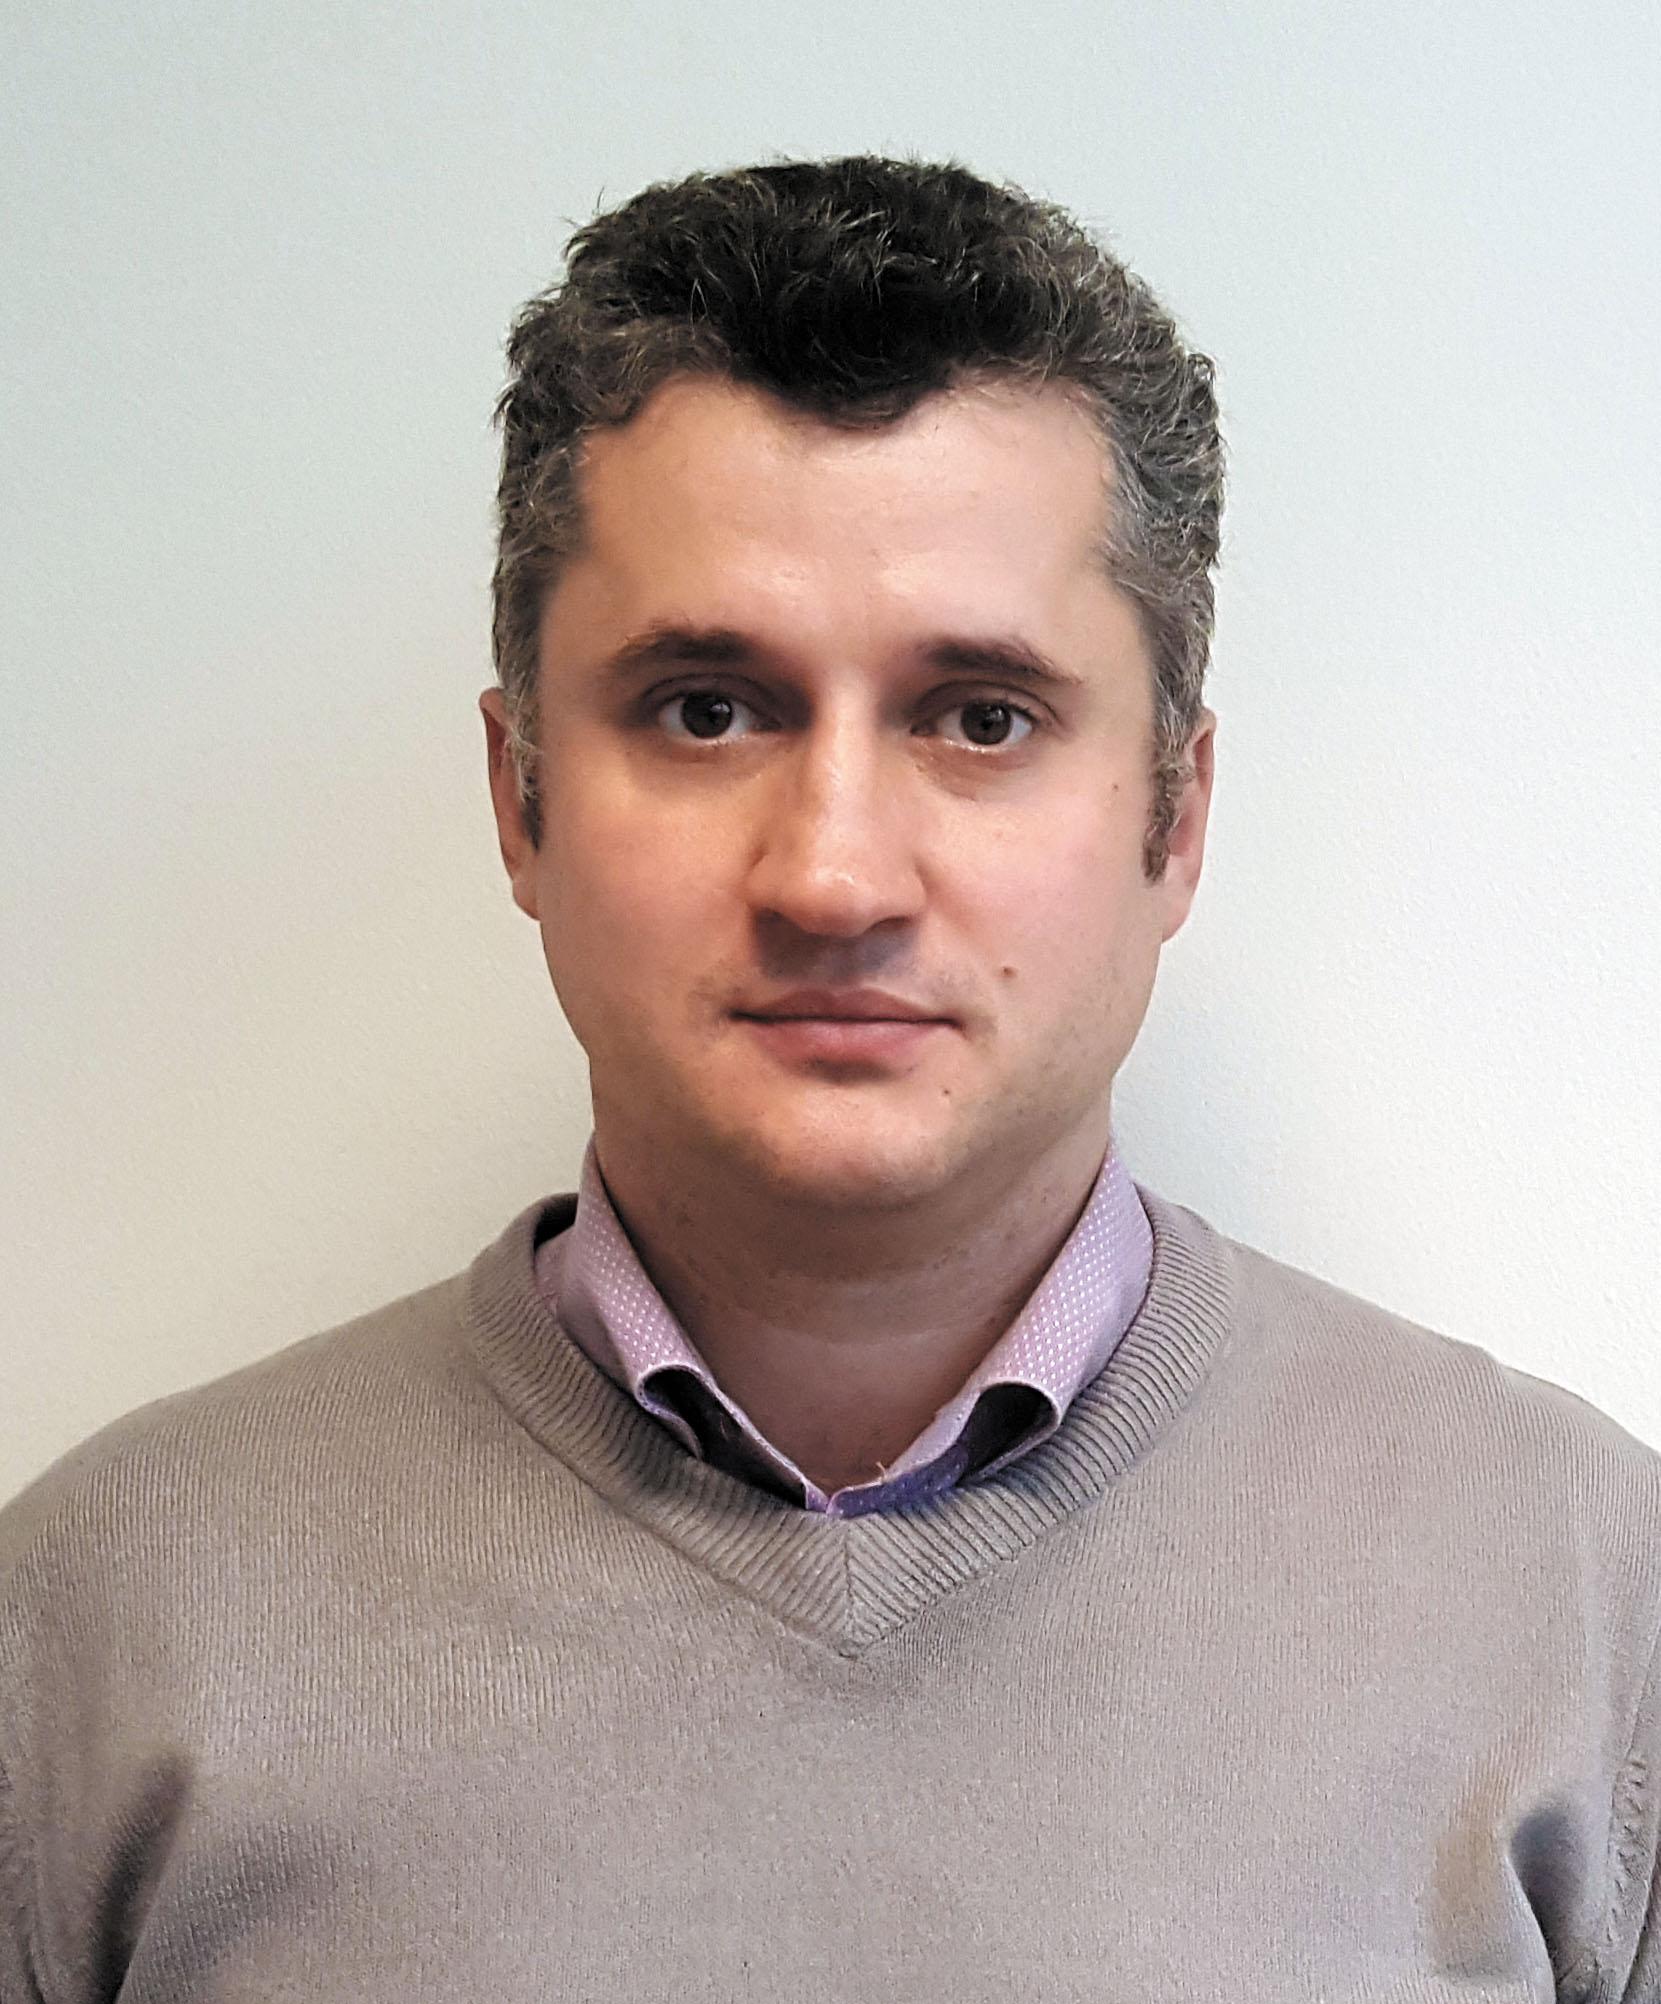 Алексей Новиков, первый заместитель генерального директора компании Rightech